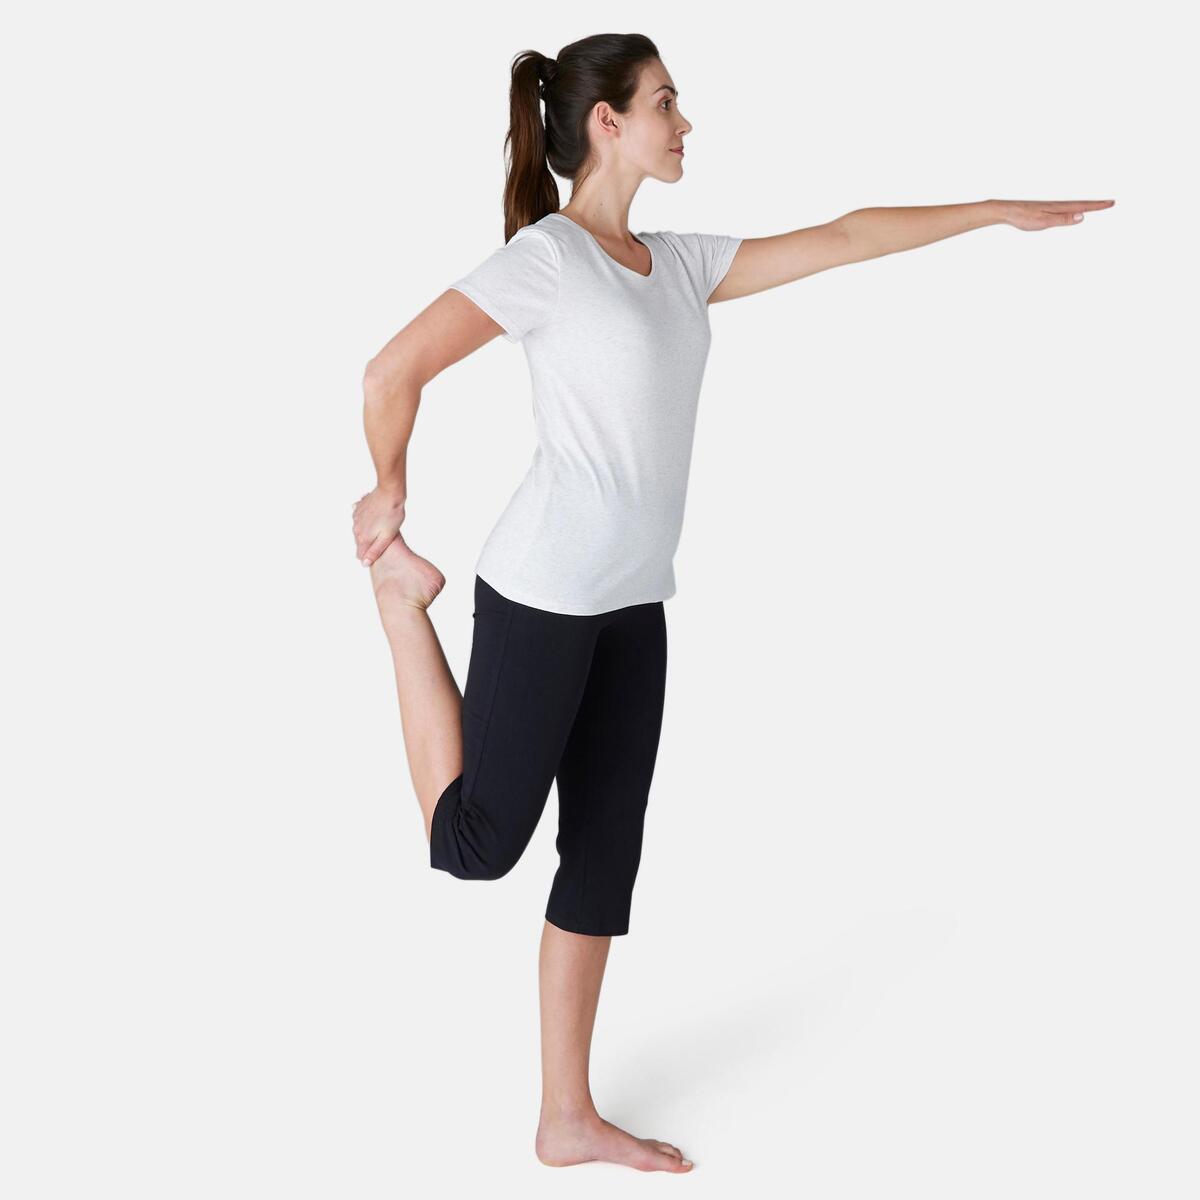 Bild 2 von 3/4-Hose Fit+ 500 Regular Gym & Pilates Damen schwarz